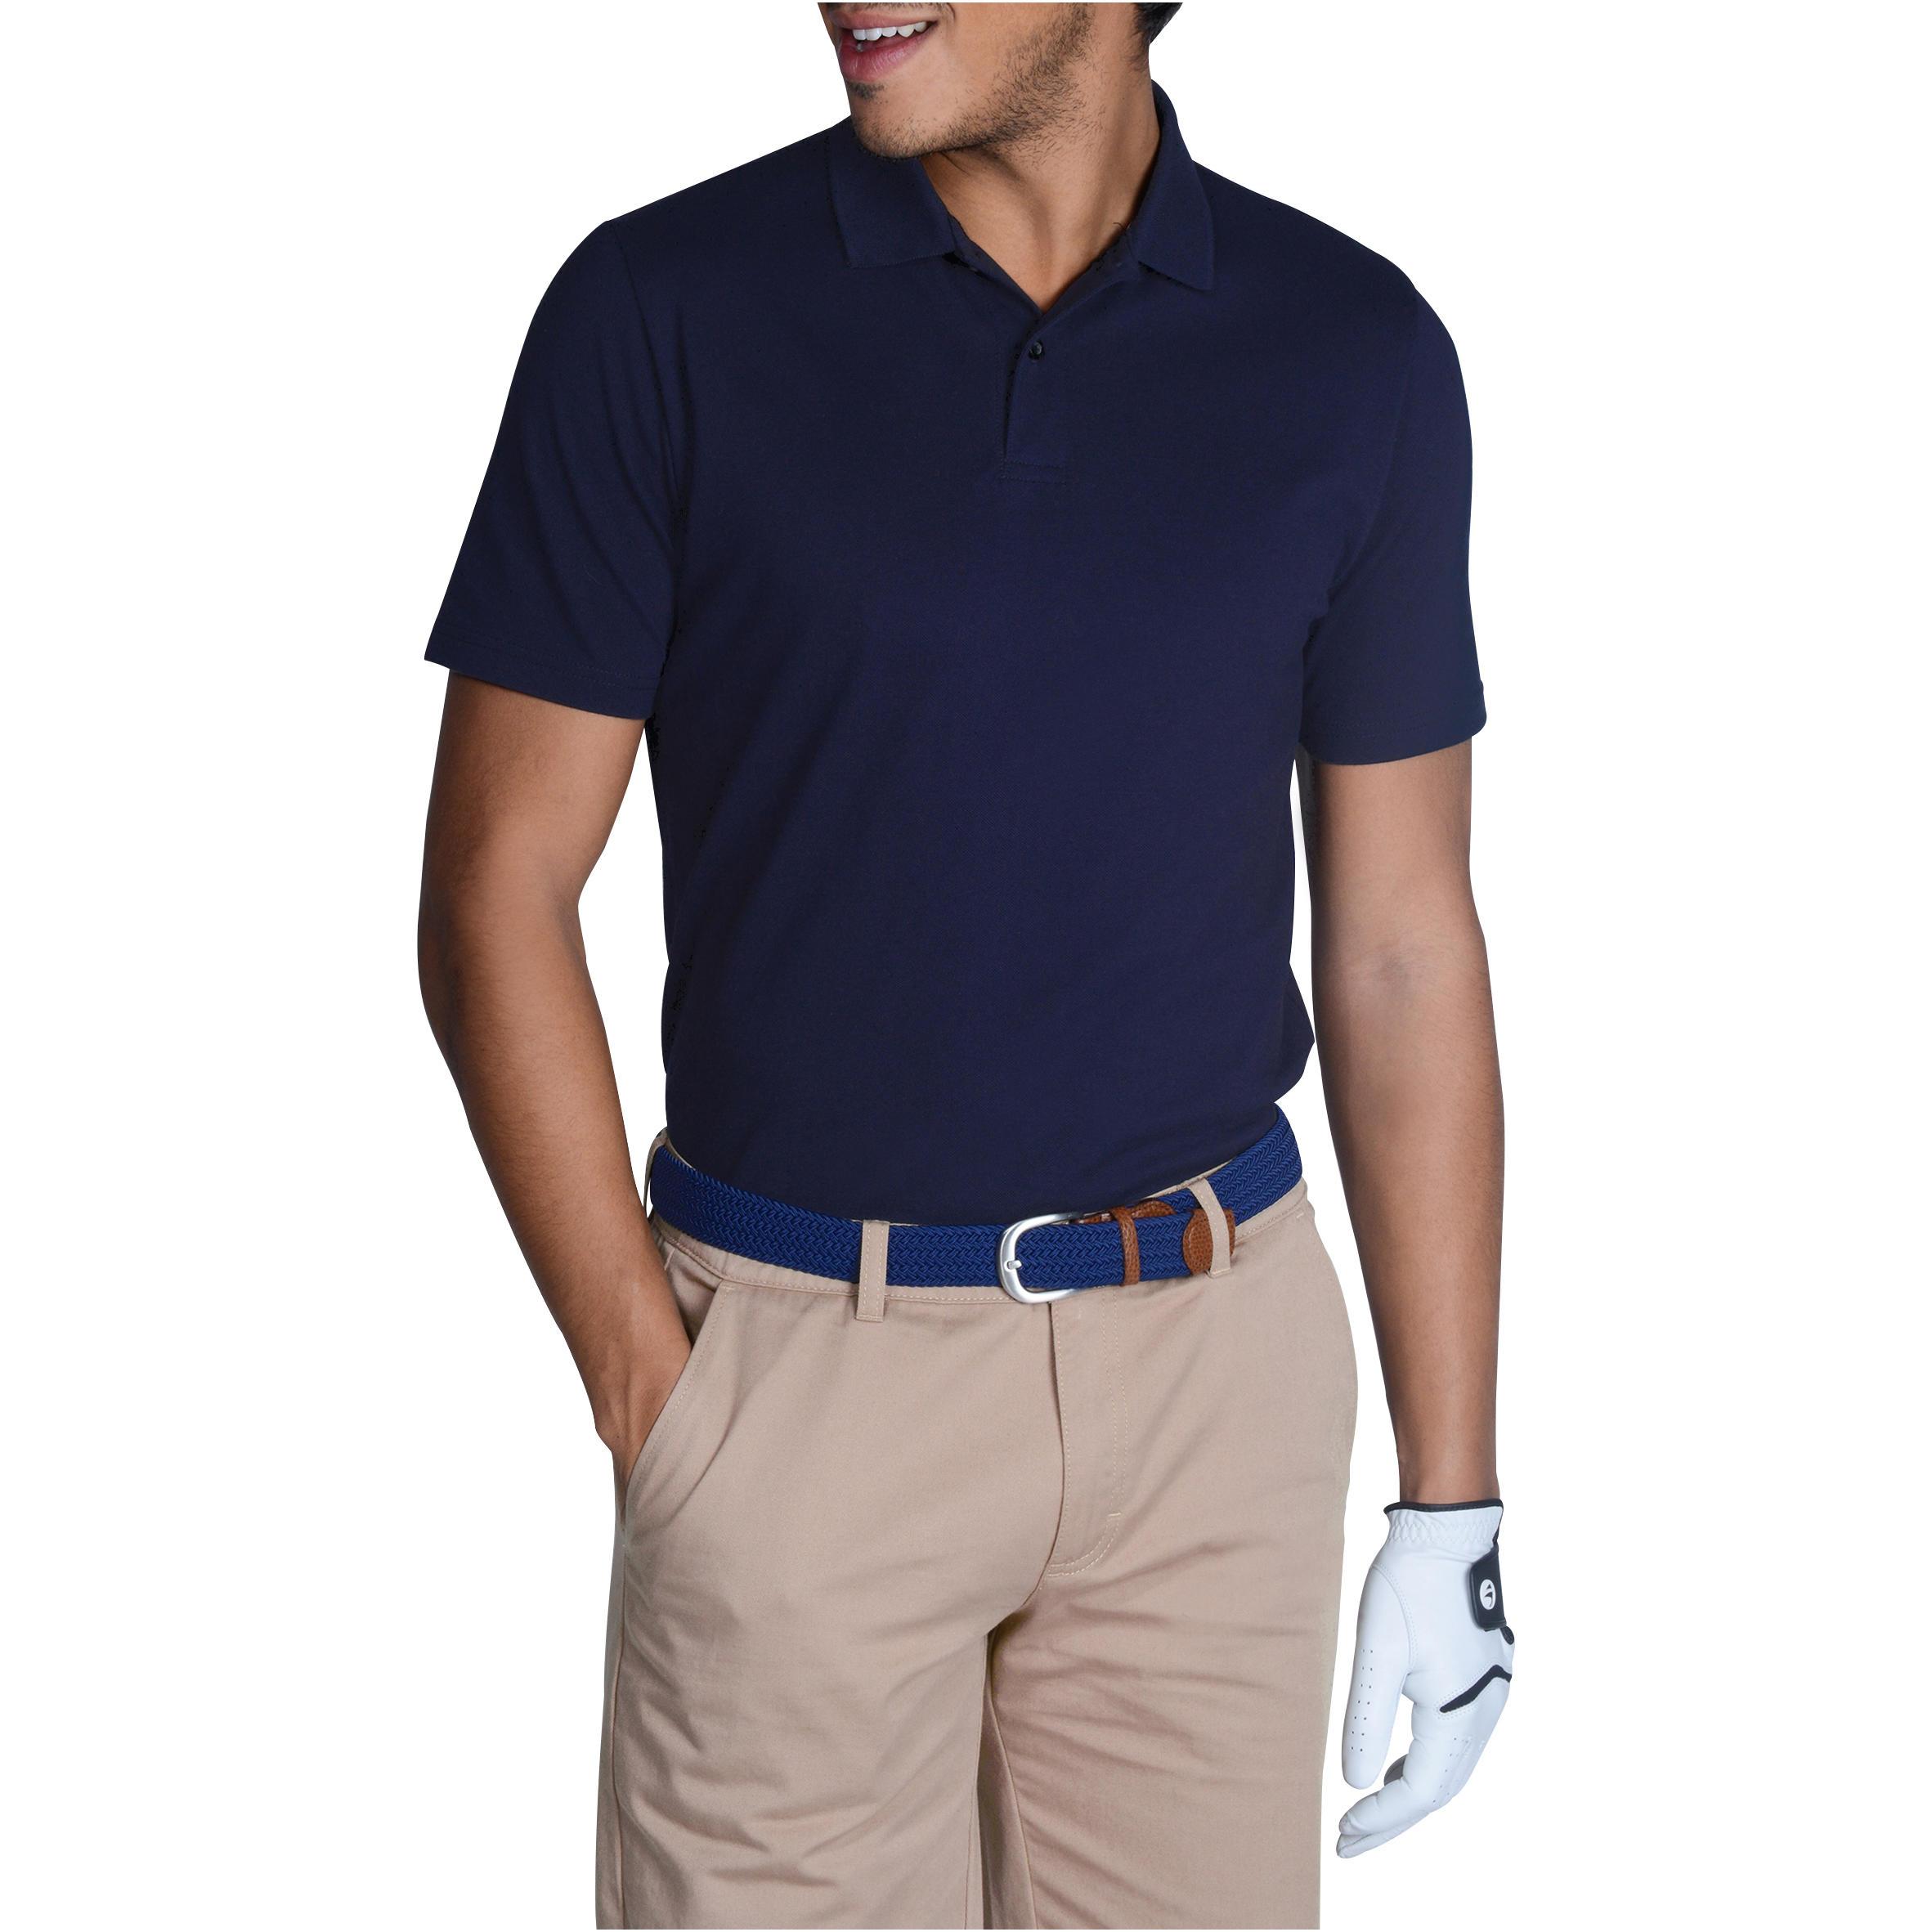 Polo de golf homme manches courtes 500 temps chaud marine